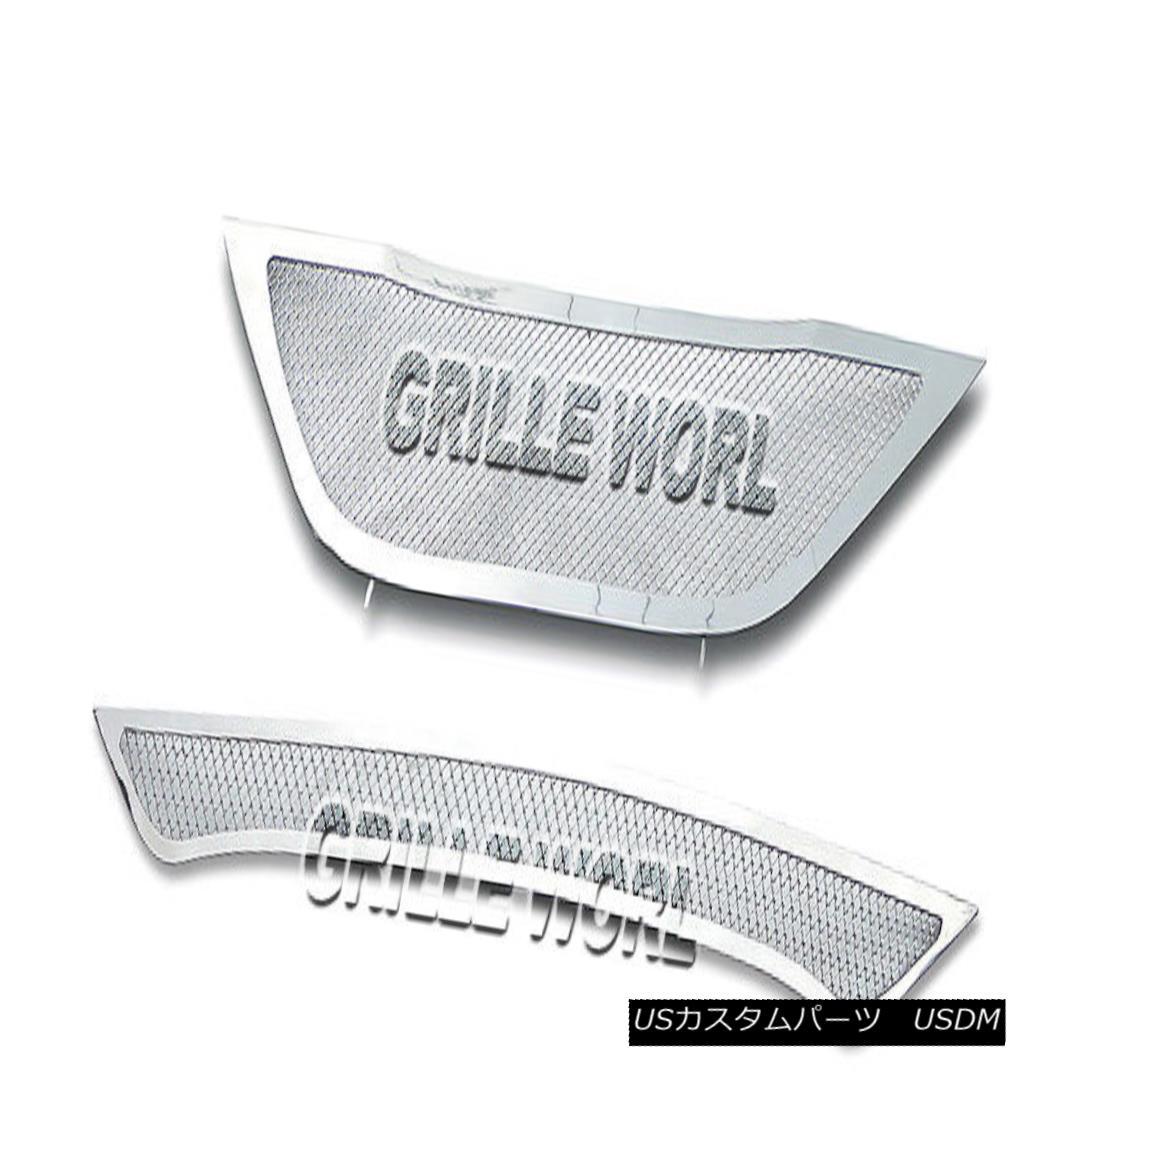 グリル Customized For 2011 Hyundai Sonata Mesh Premium Grille Combo Insert 2011年現代ソナタメッシュプレミアムグリルコンボインサート用にカスタマイズ